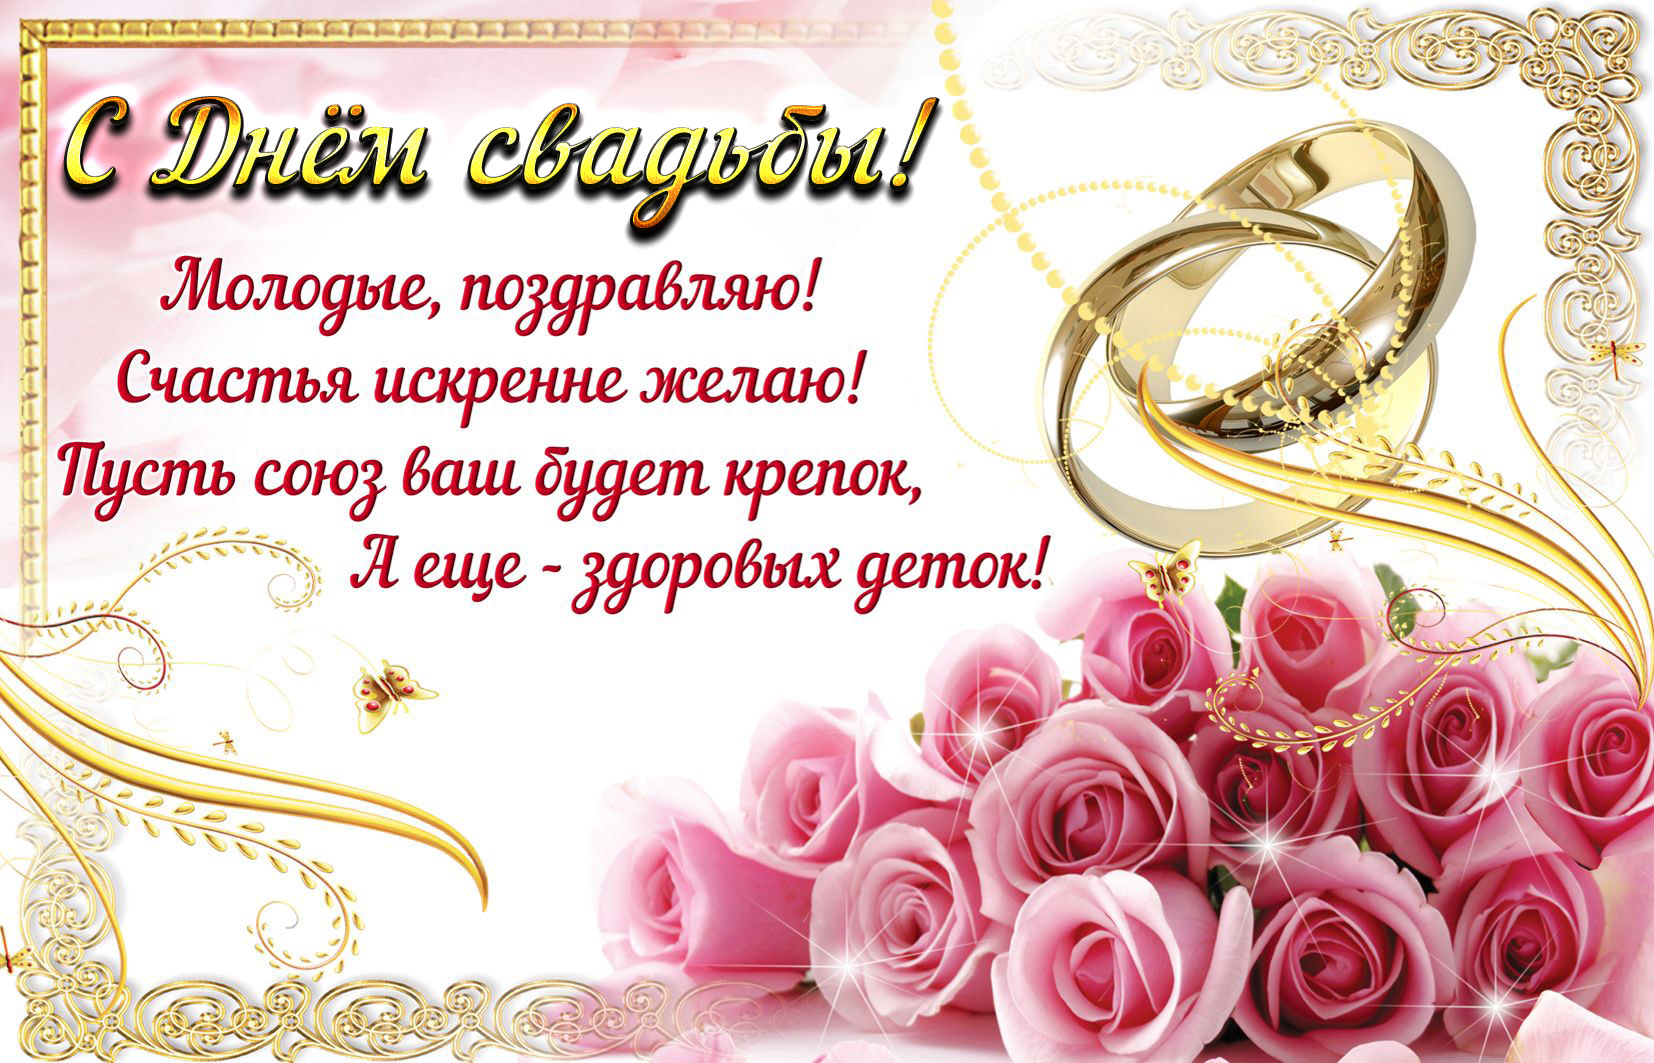 Незабываемые поздравления с днем свадьбы